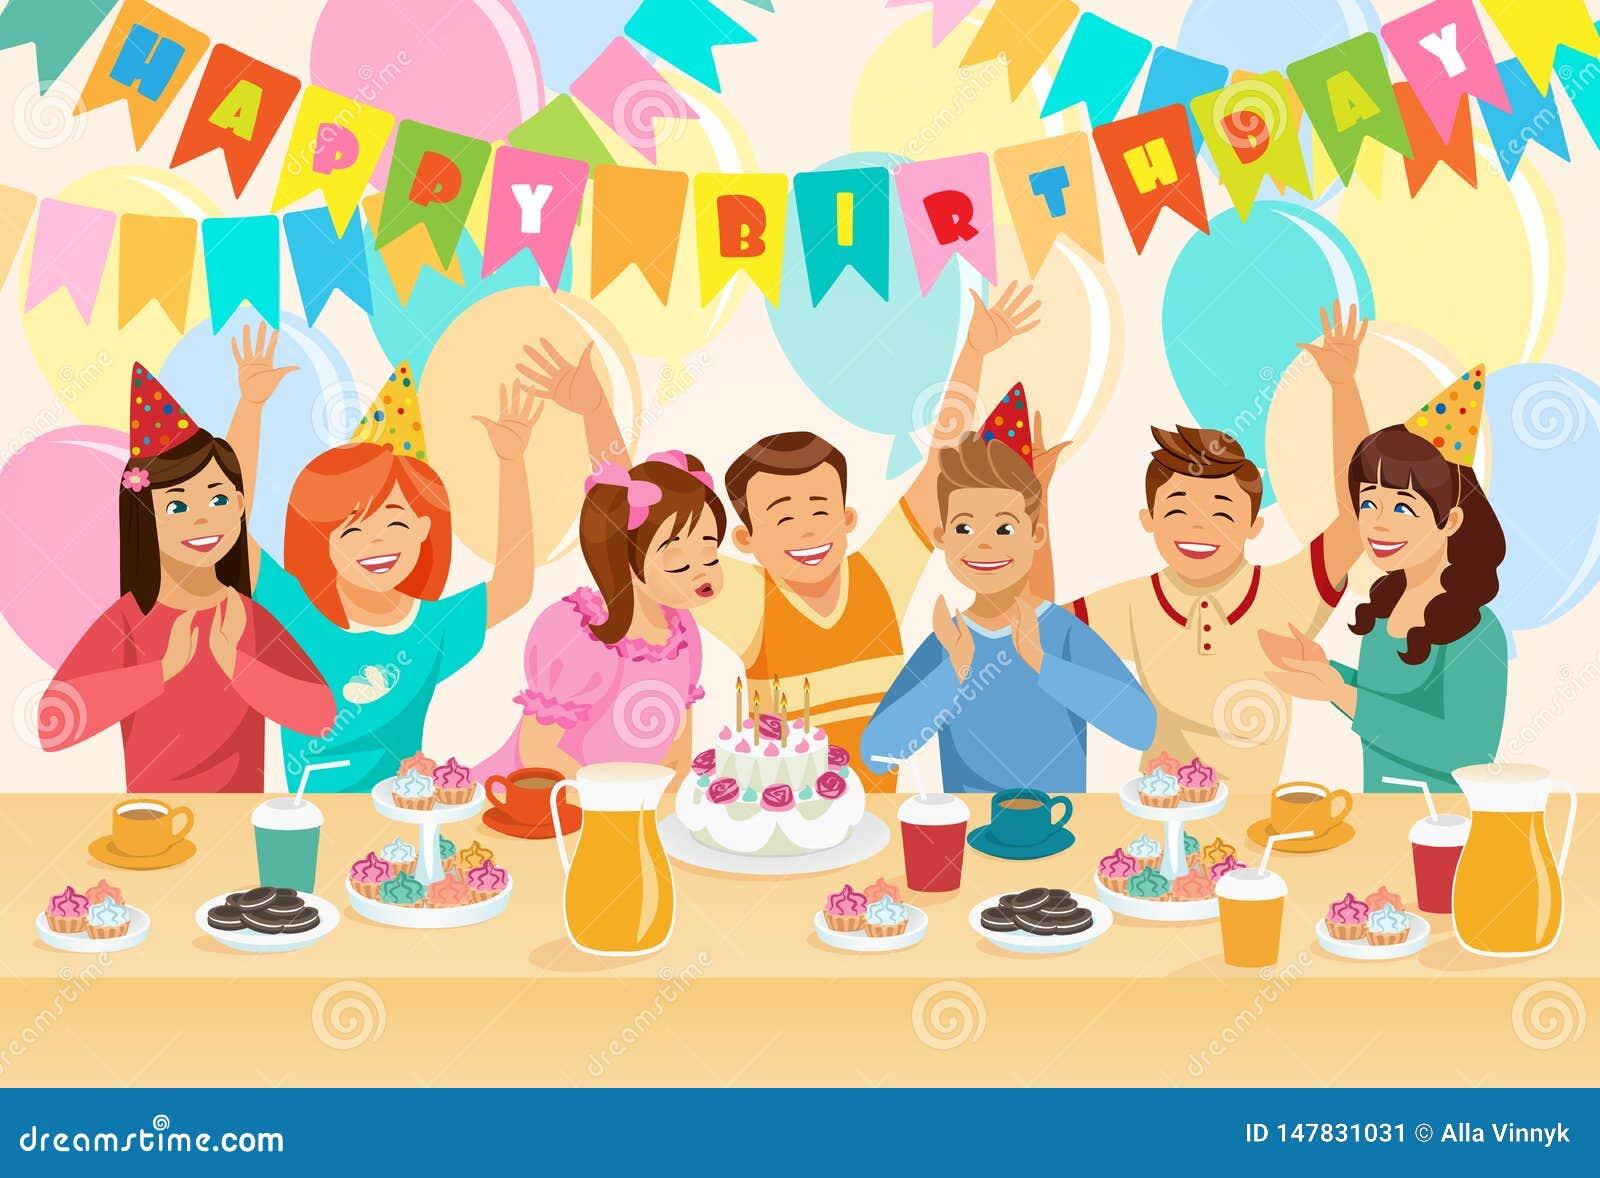 Grupa dzieci ?wi?tuje wszystkiego najlepszego z okazji urodzin